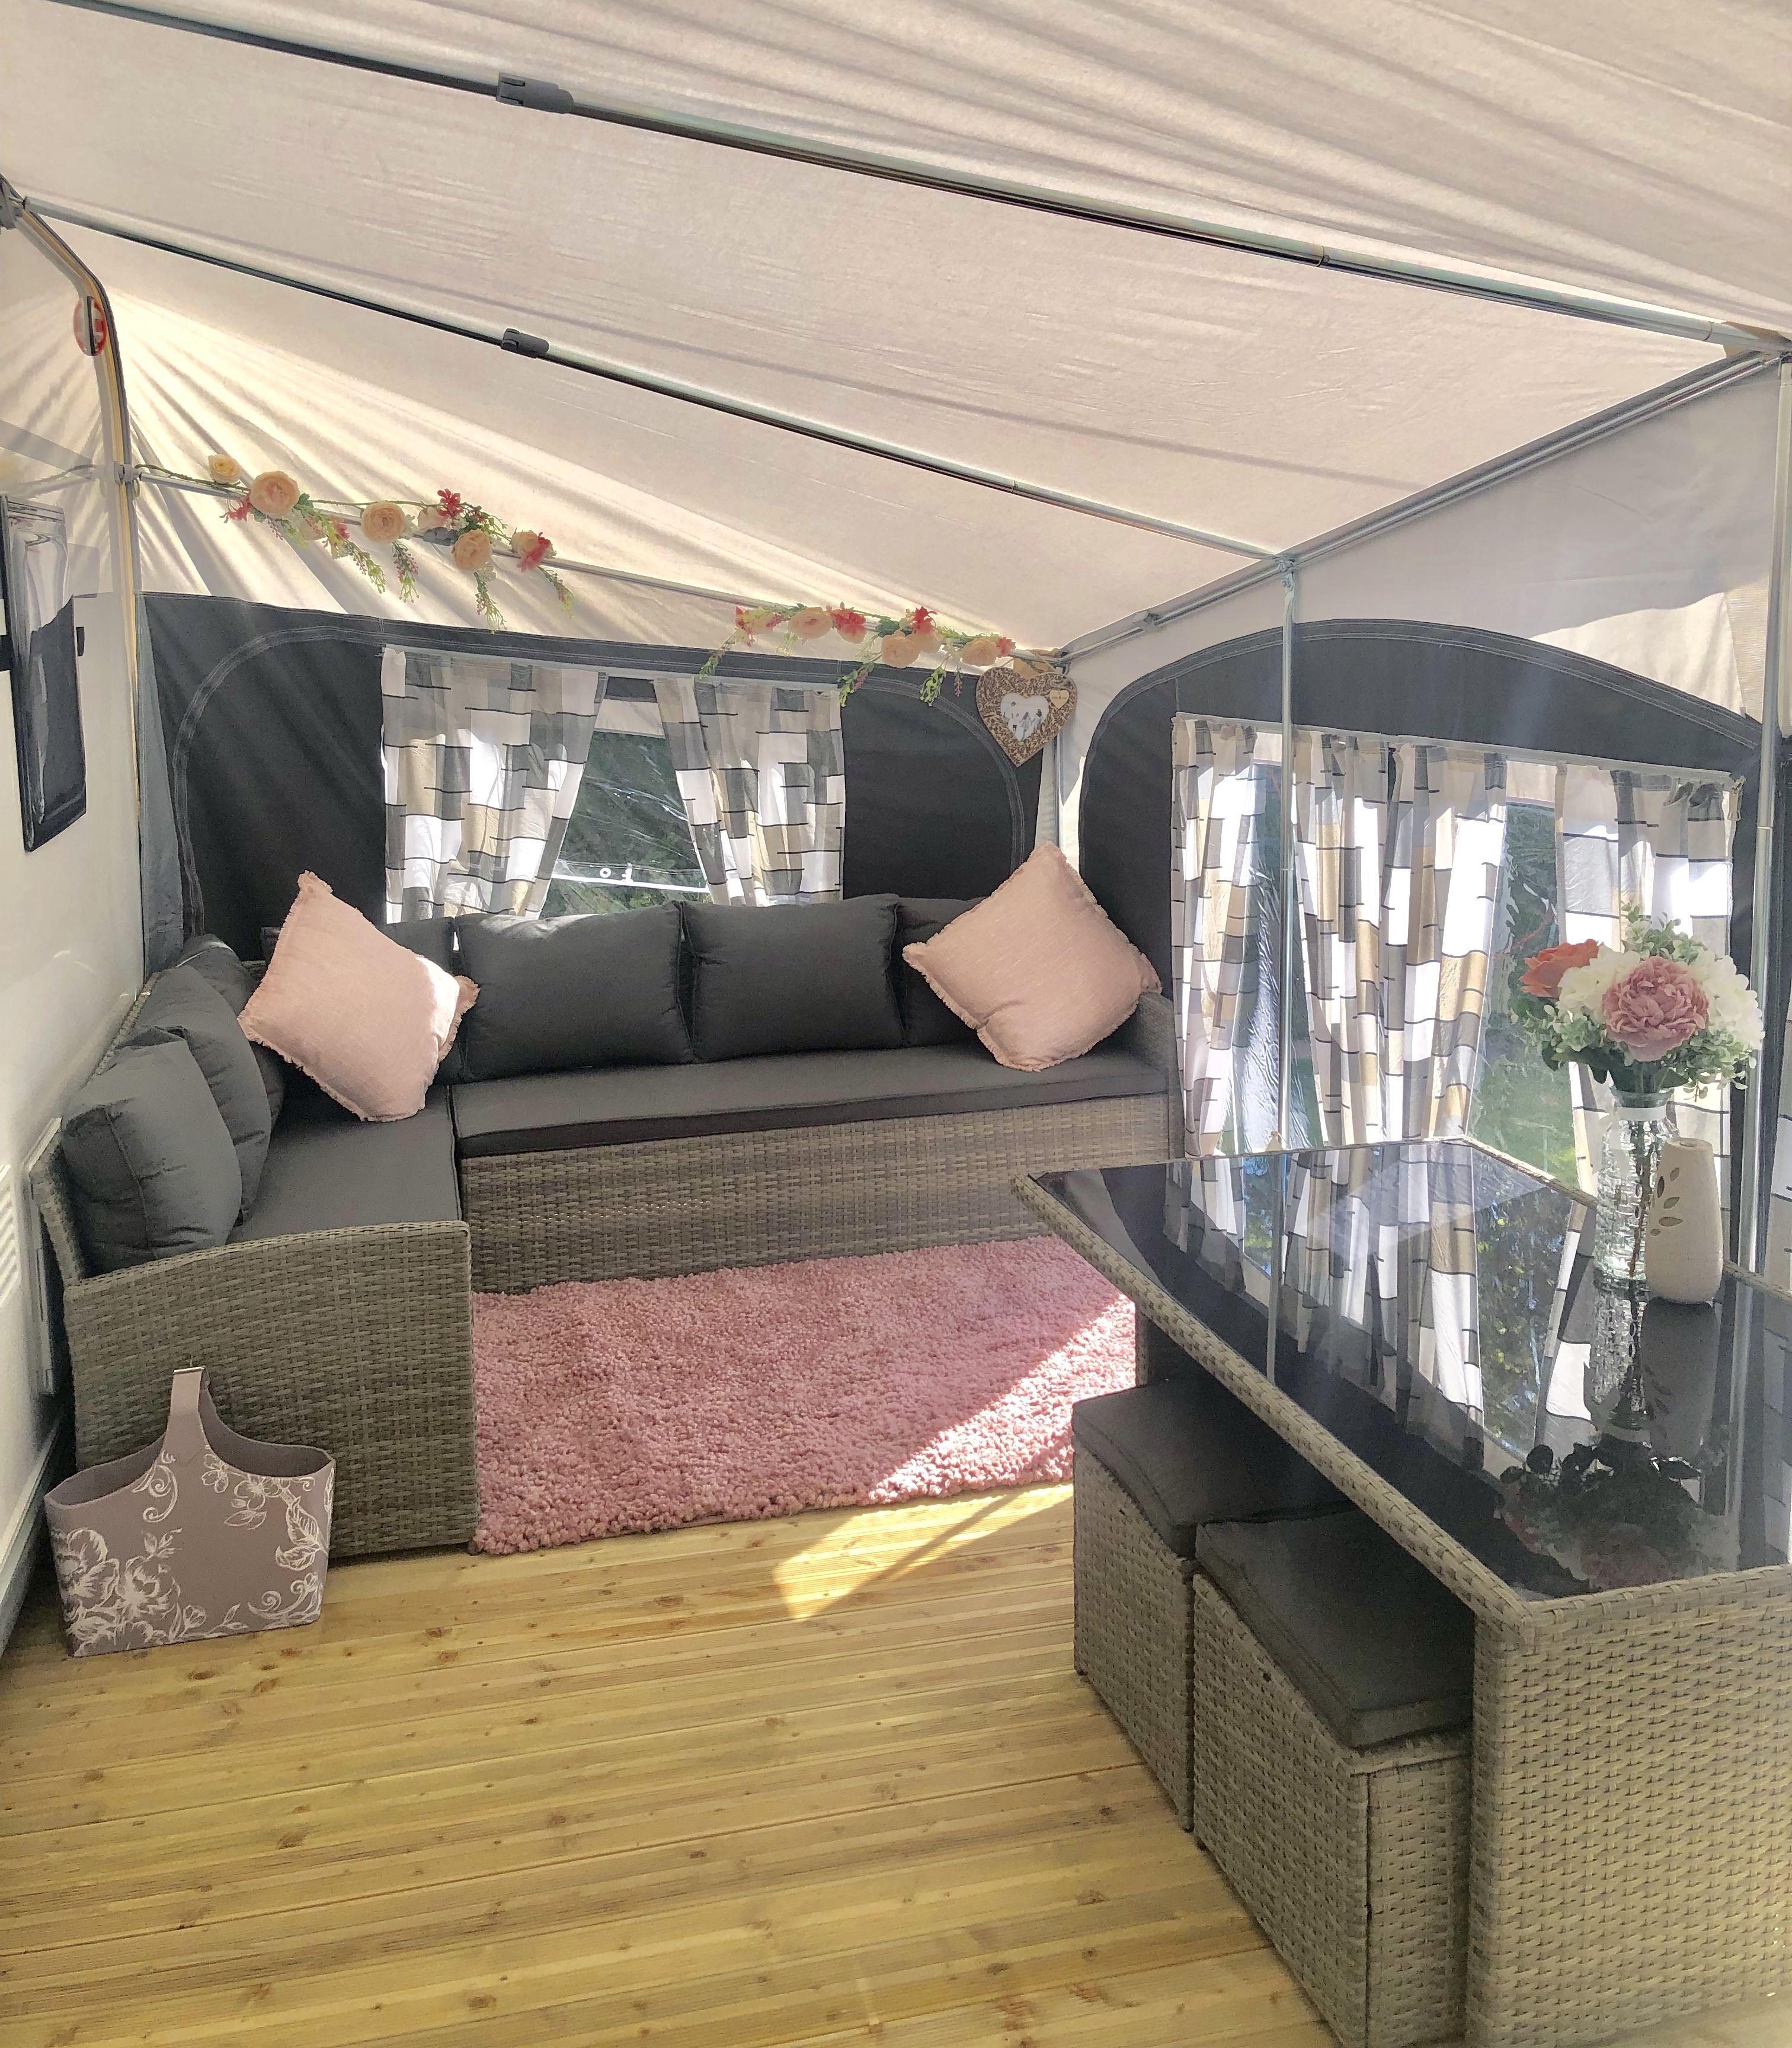 Our Caravan Awning Caravan Awning Interior Ideas Style Caravan Decor Caravan Interior Caravan Makeover